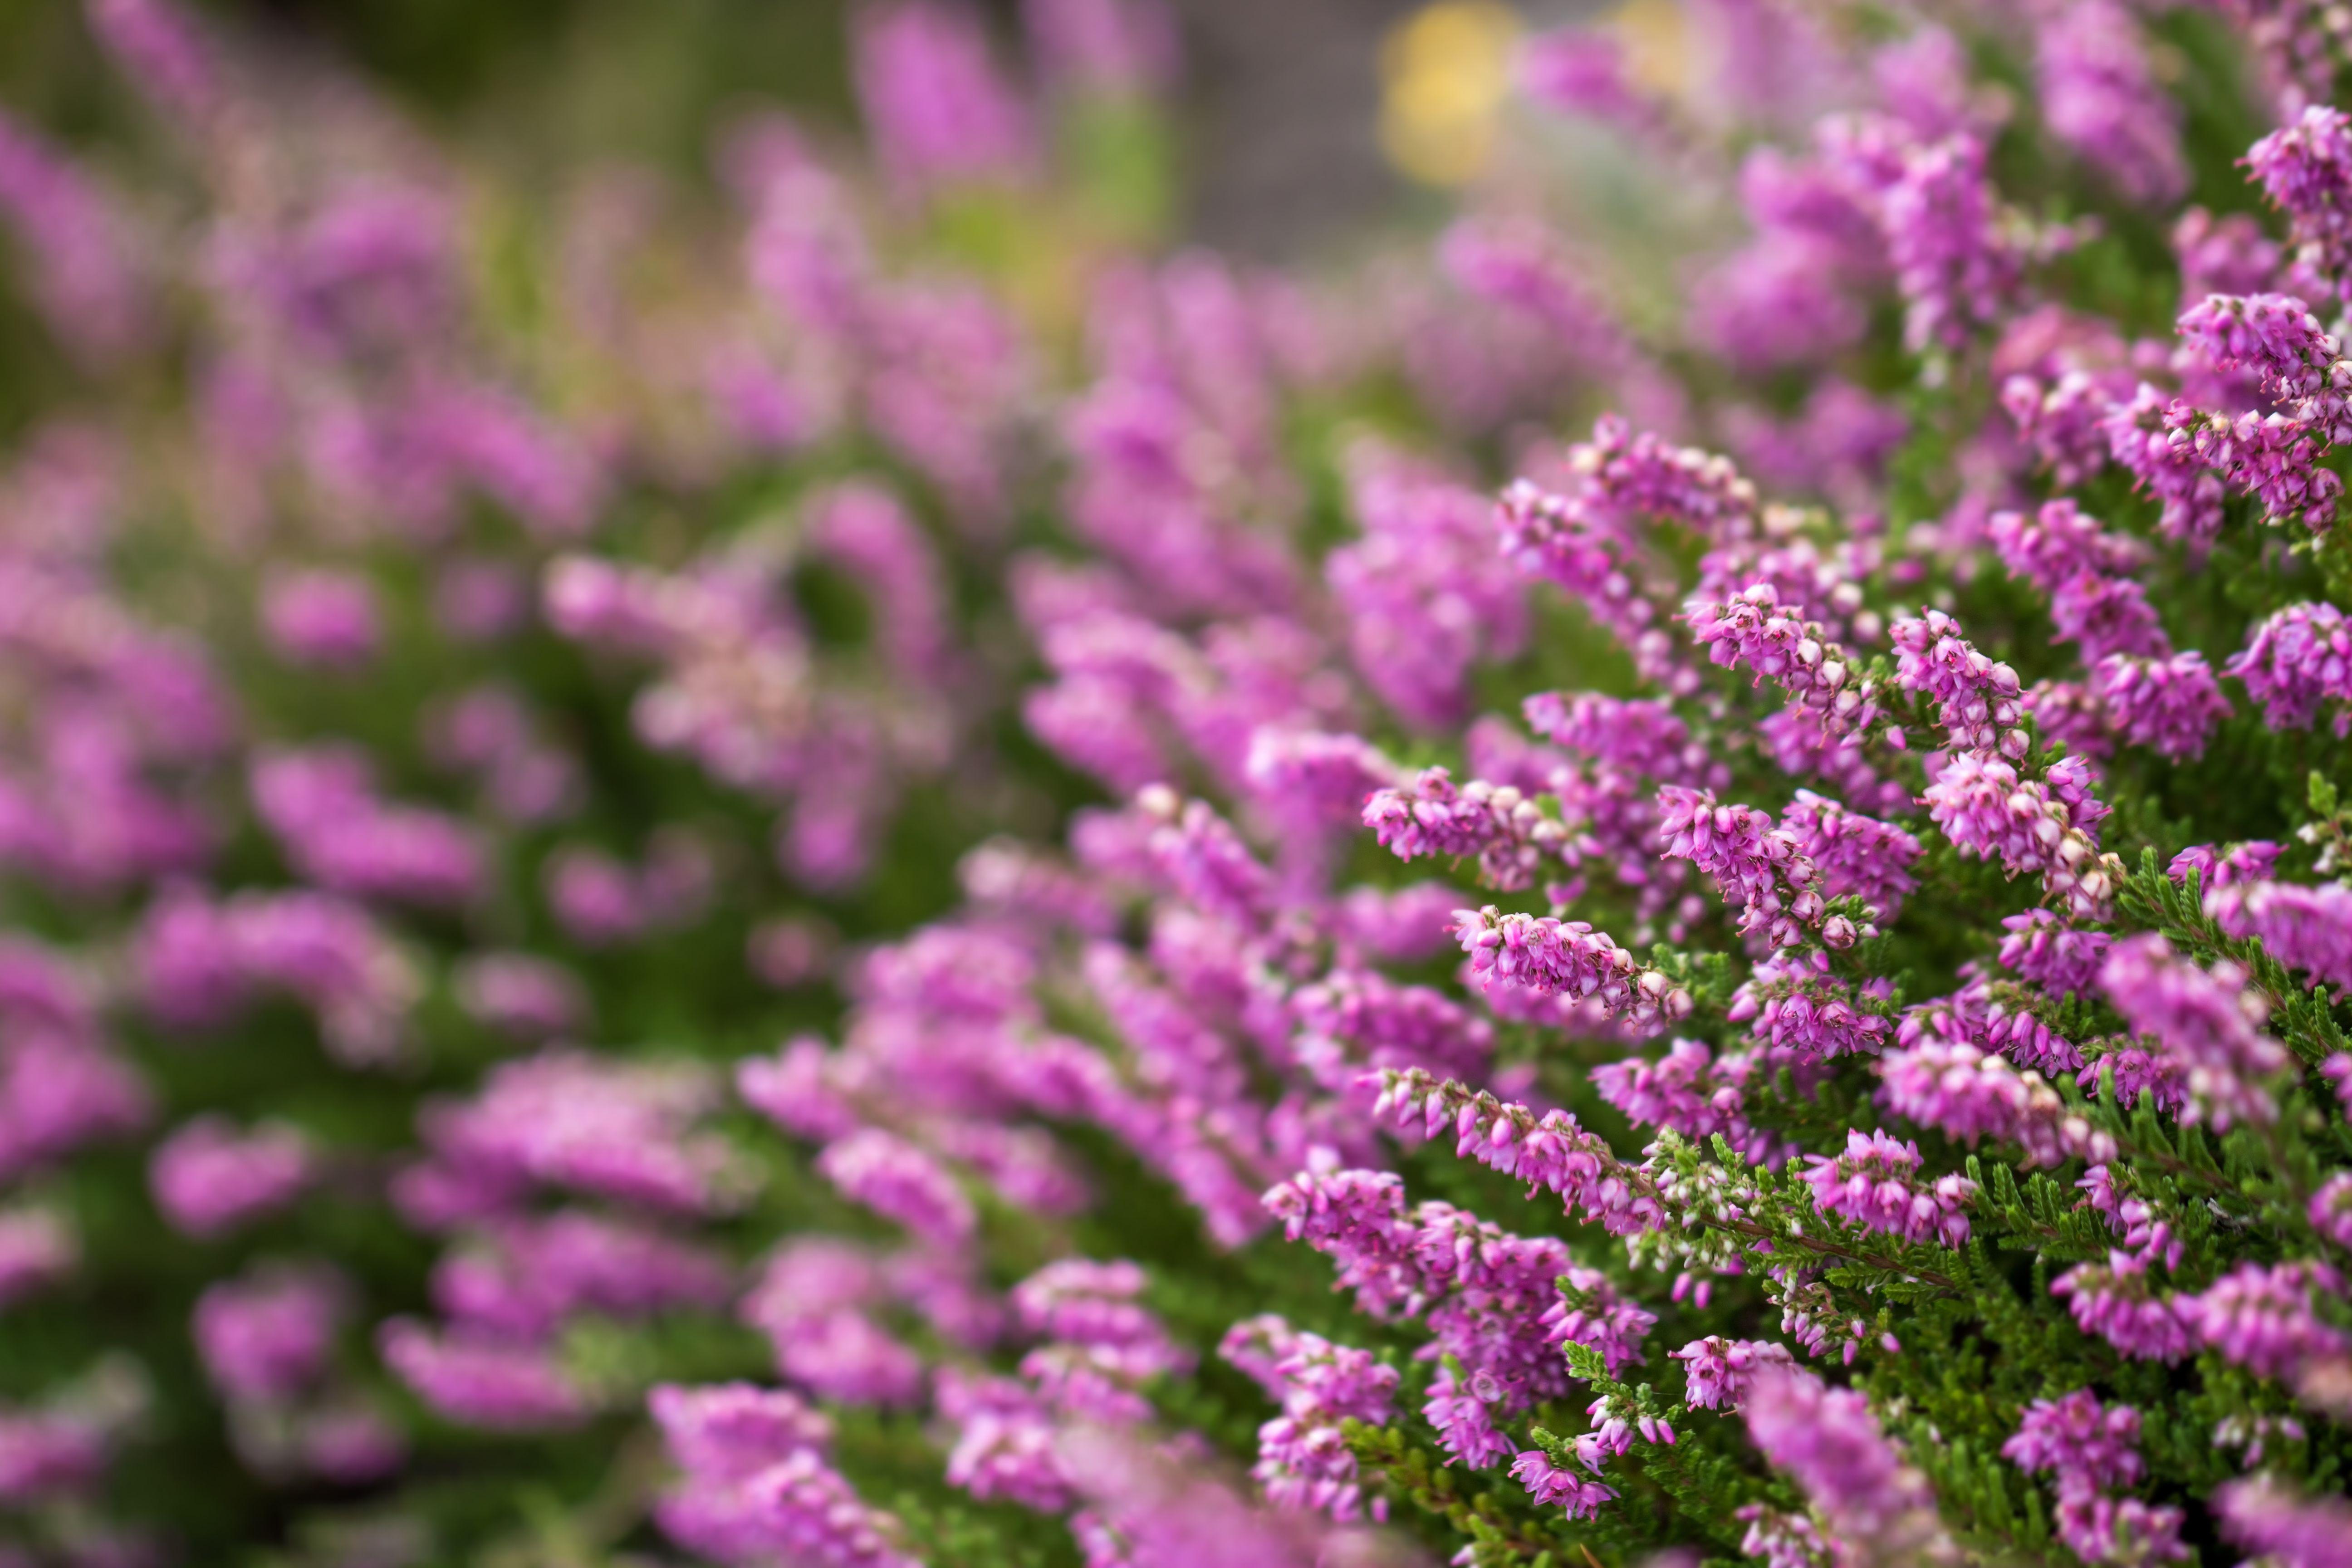 Jakie Kwiaty Kwitna Jesienia Fall Flowers Beautiful Blooms Plants